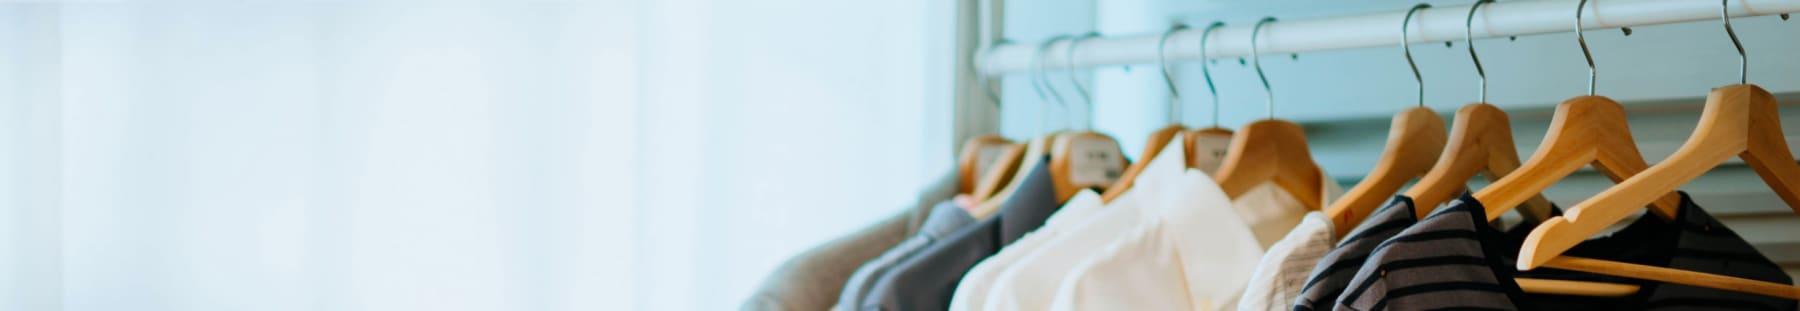 【とうきょうスカイツリー駅】ファッション向け撮影スタジオを検索・予約